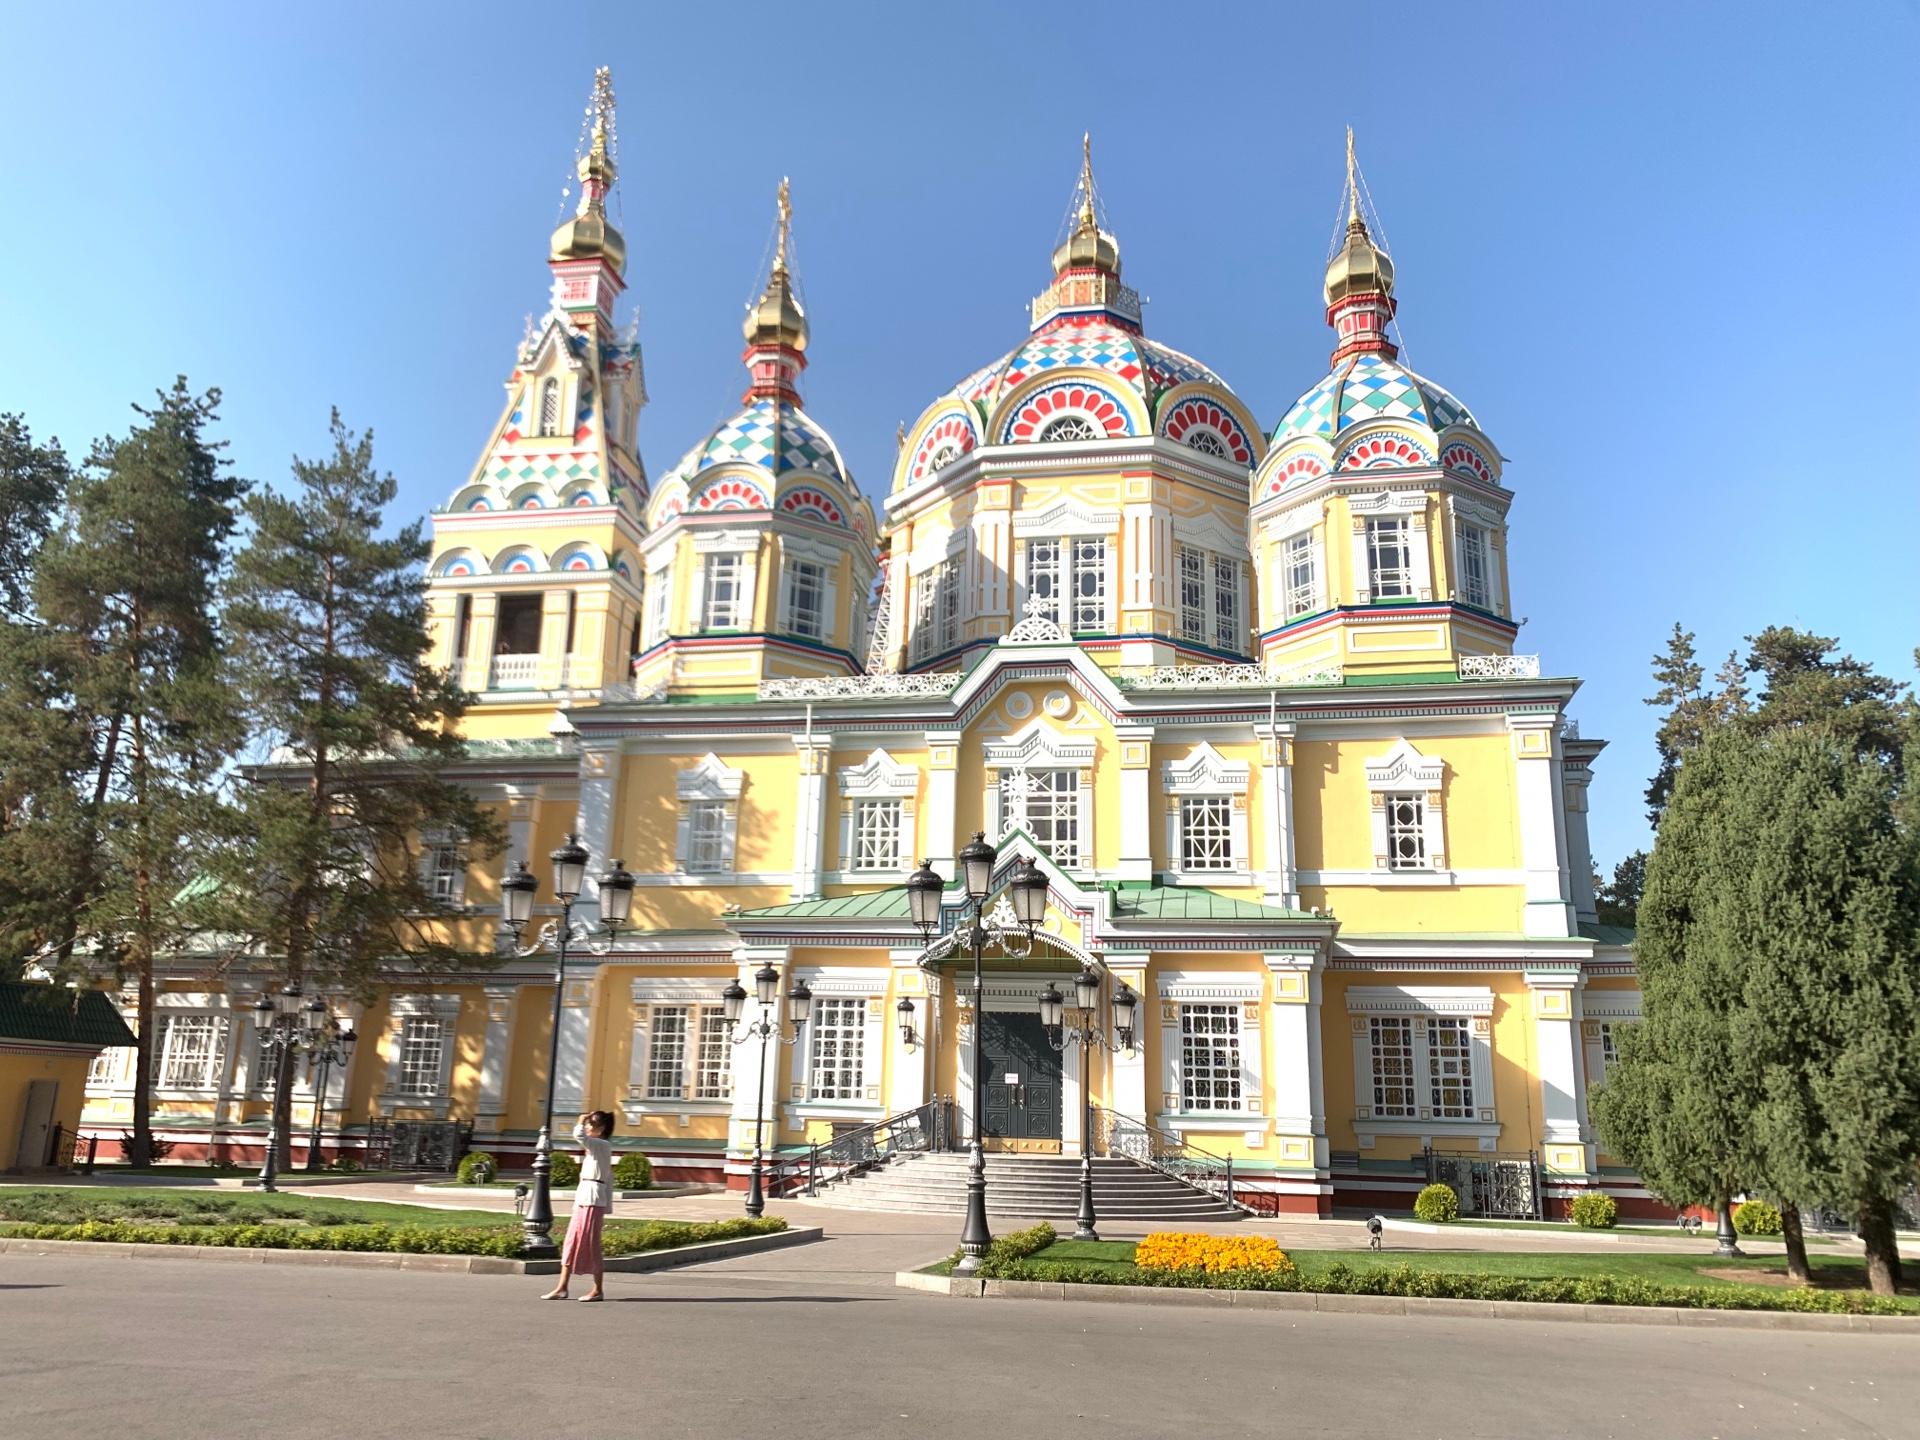 ゼンコフ教会